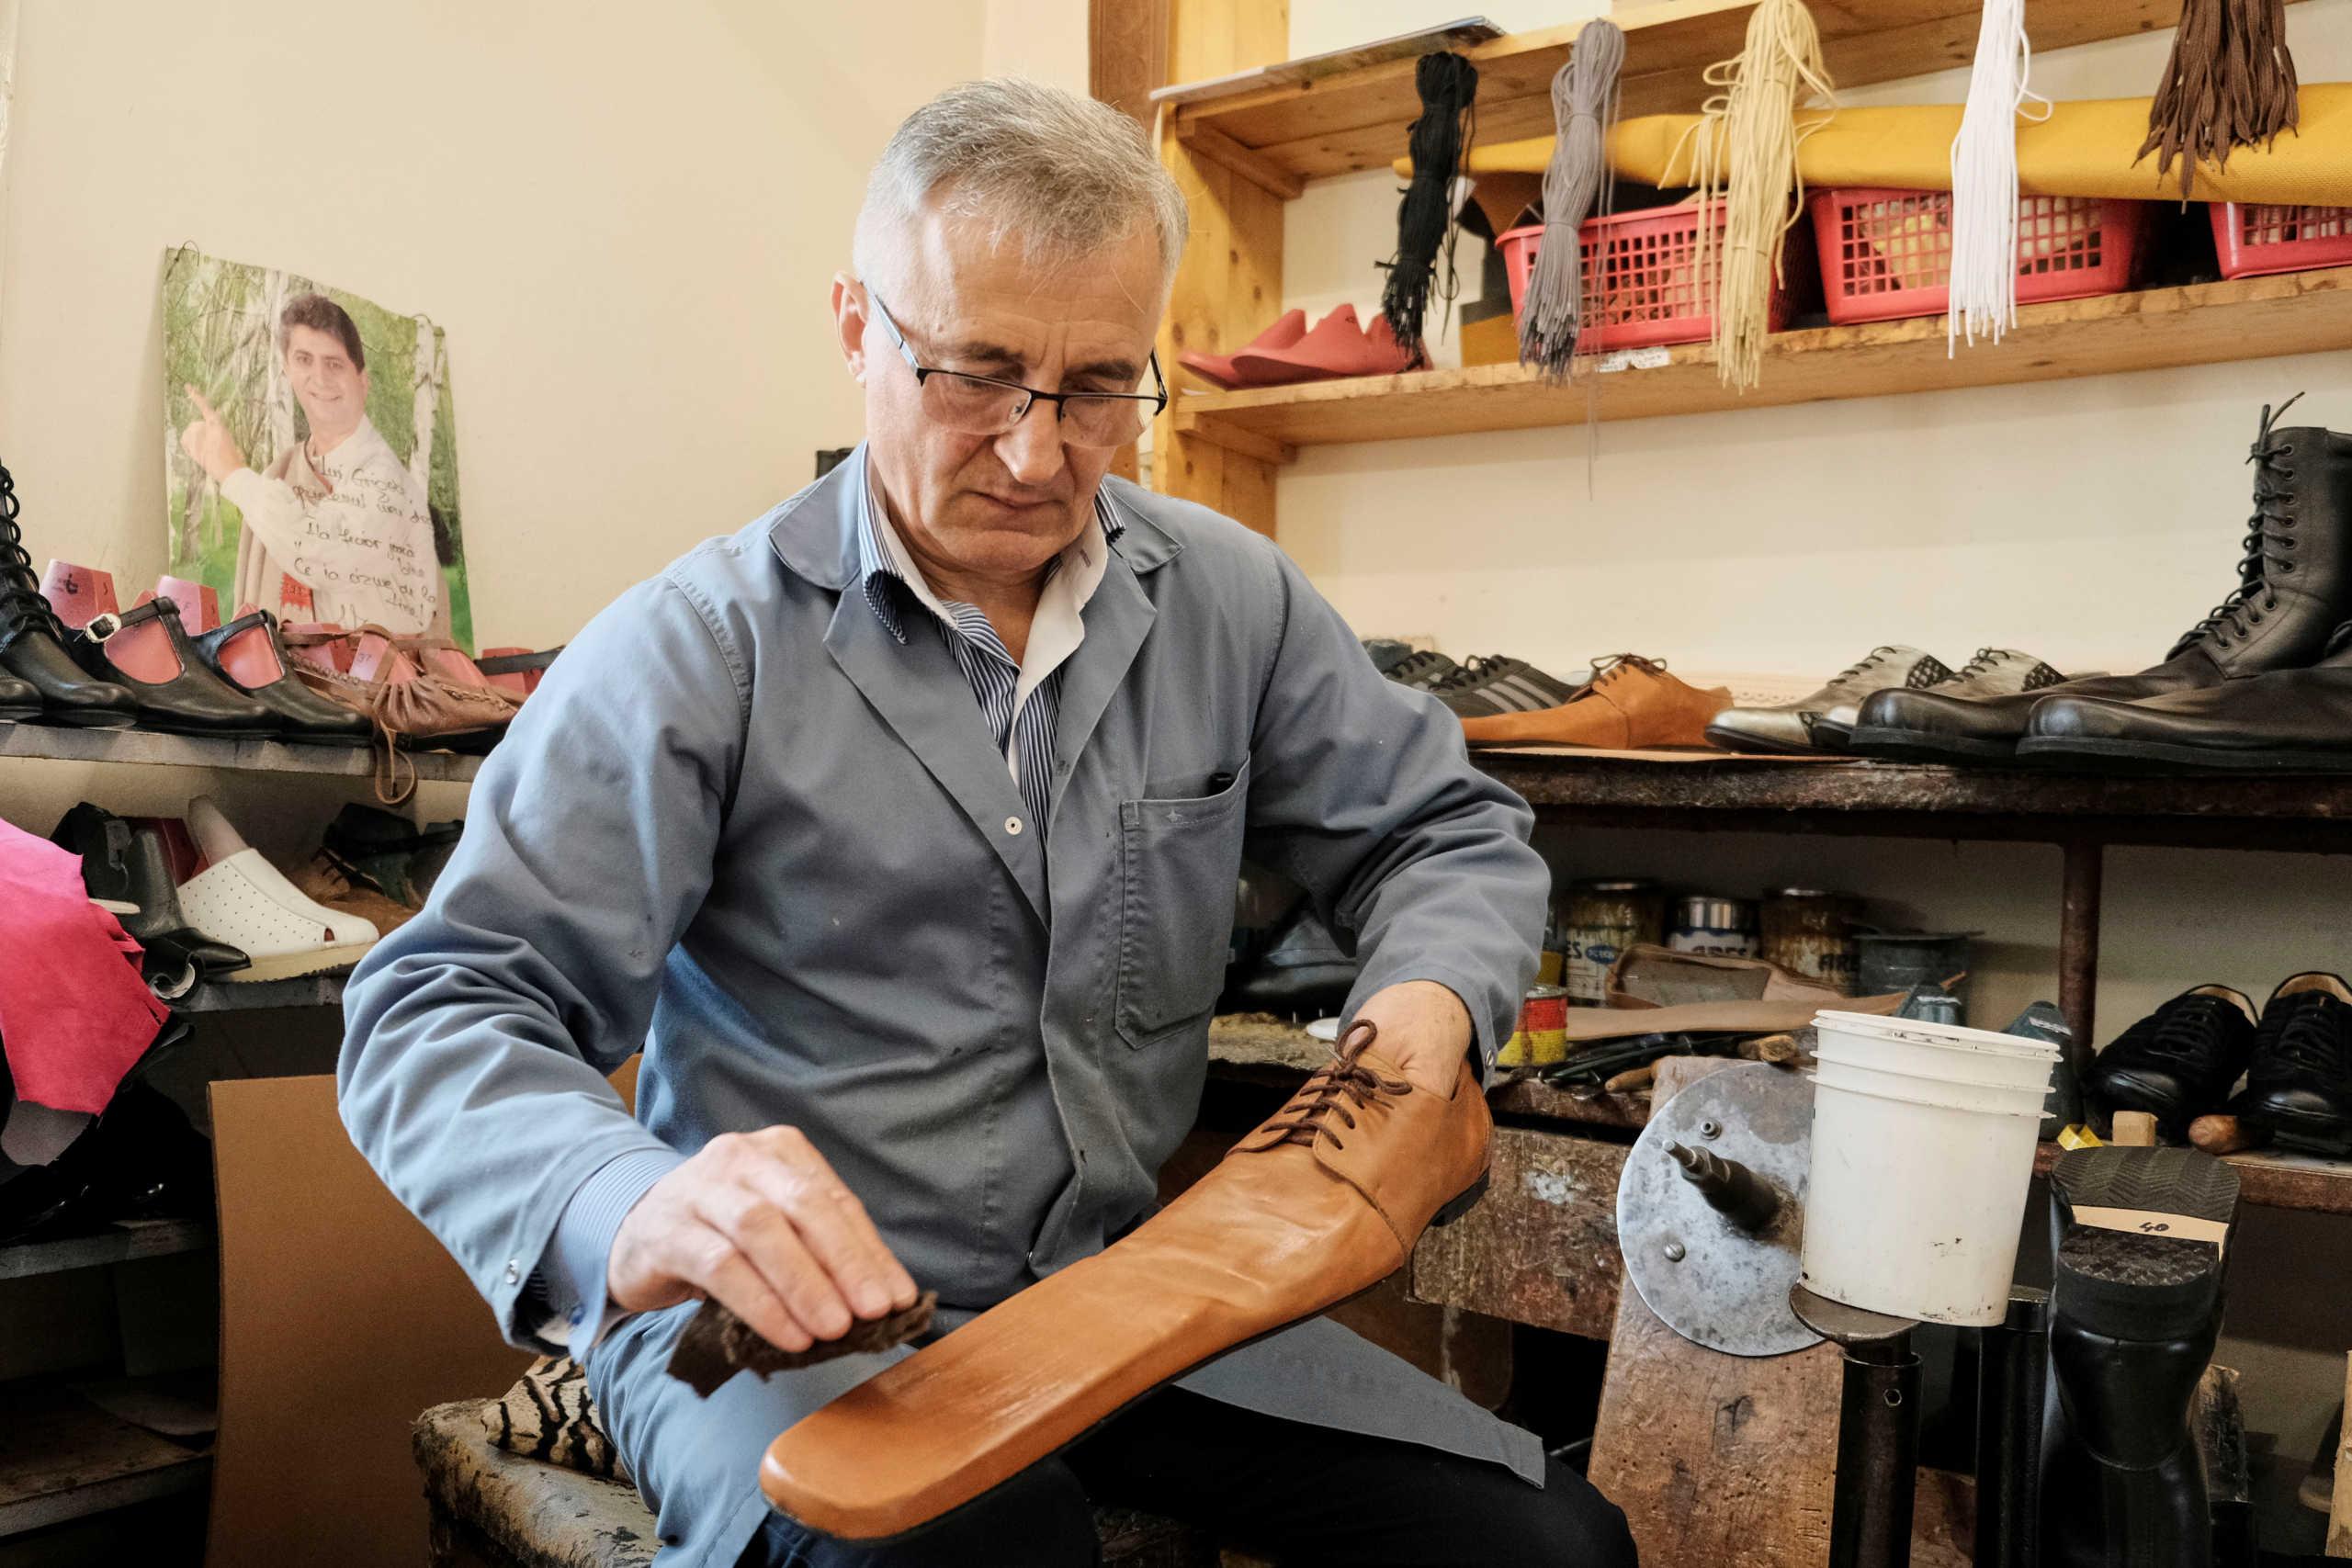 Παπούτσια που… προστατεύουν από τον κορονοϊό – Η φοβερή ιδέα τσαγκάρη στο Κλουζ (pics)